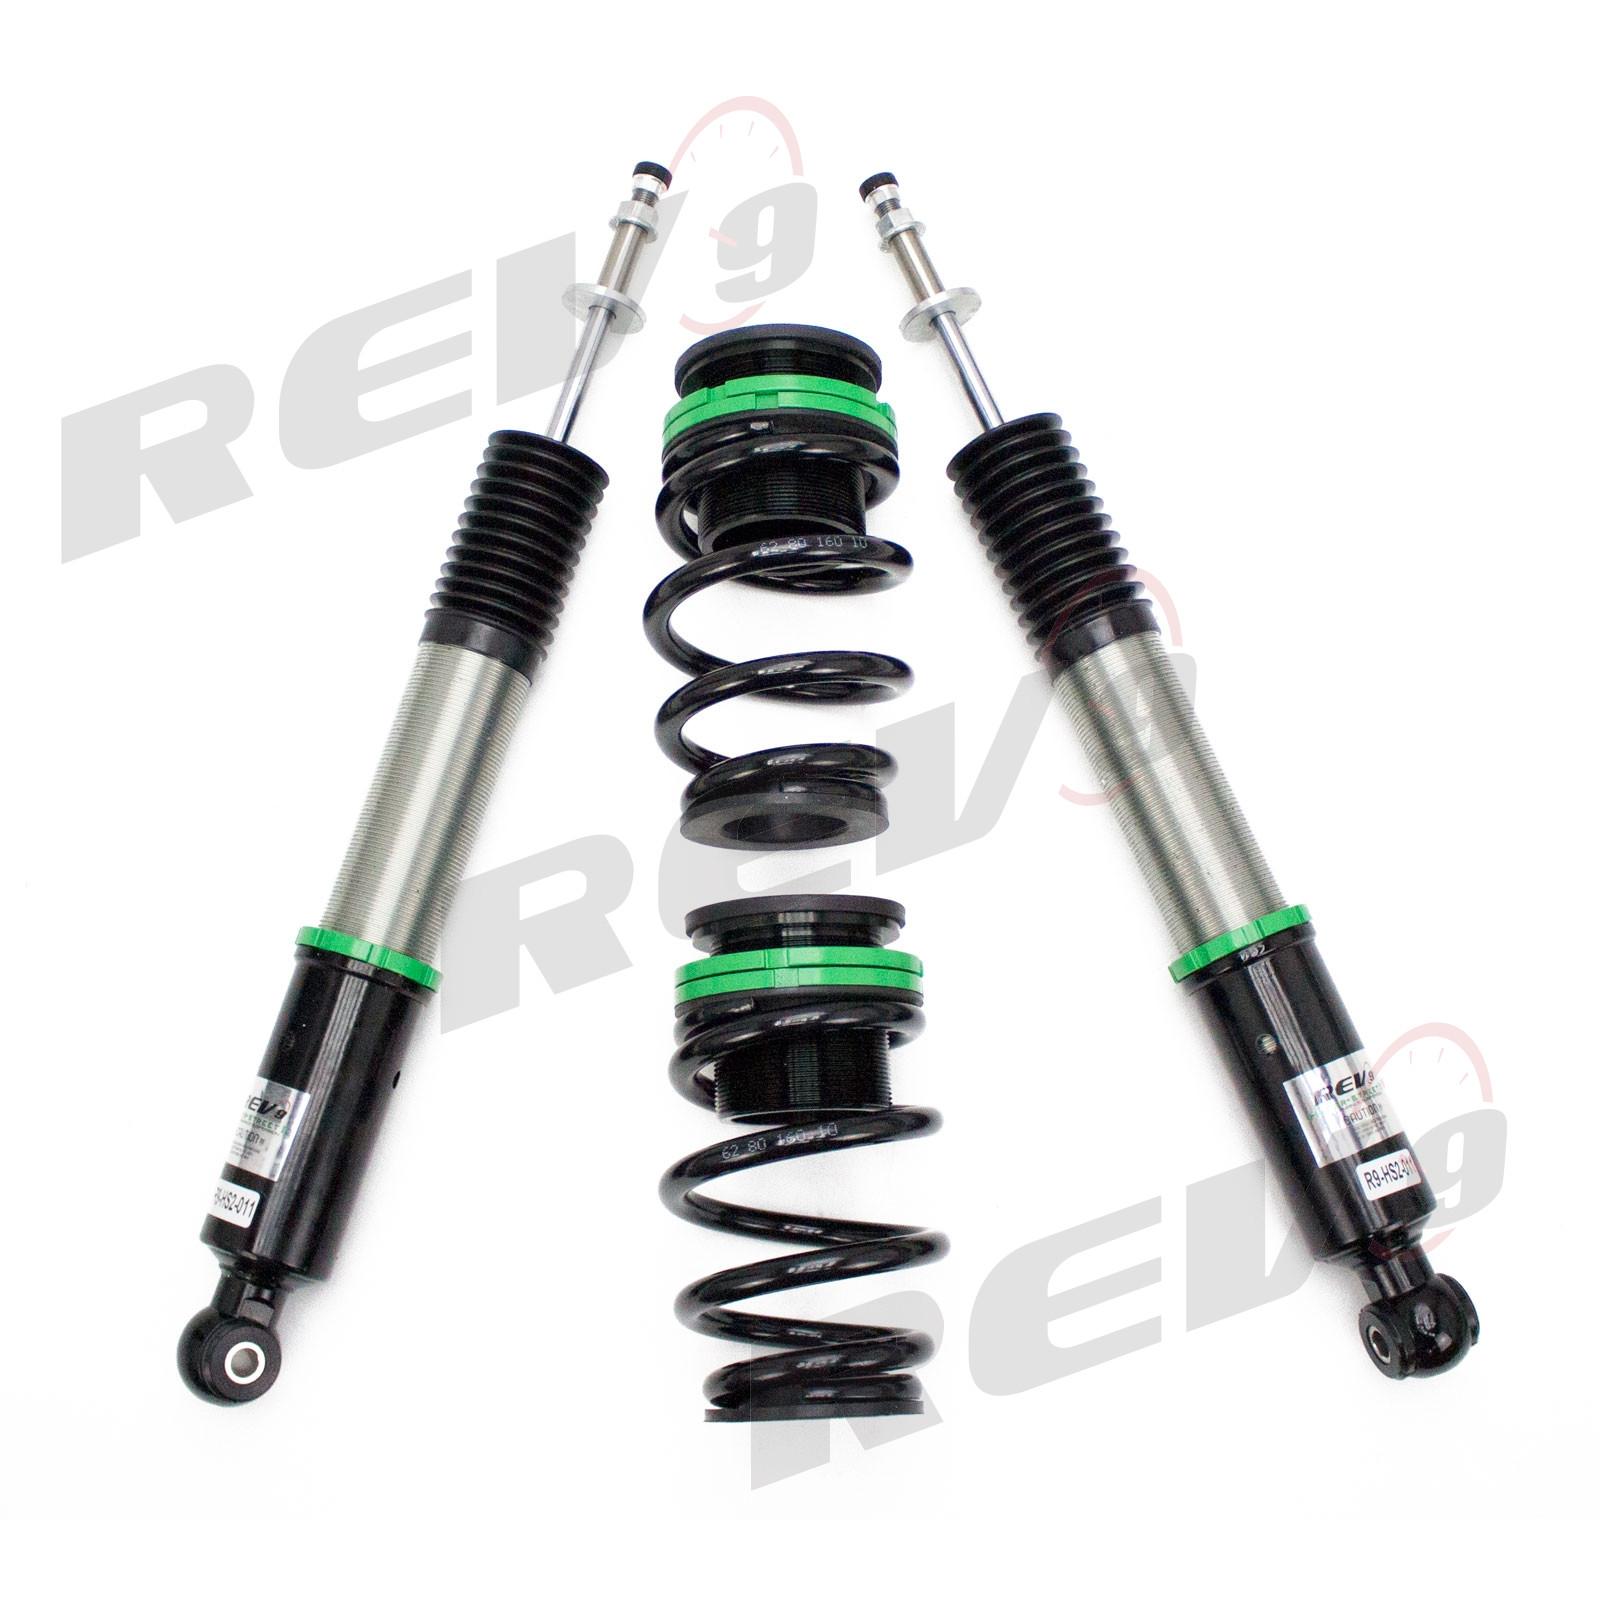 Rev9power Acura Ilx De 13 15 Hyper Street Ii Coilover